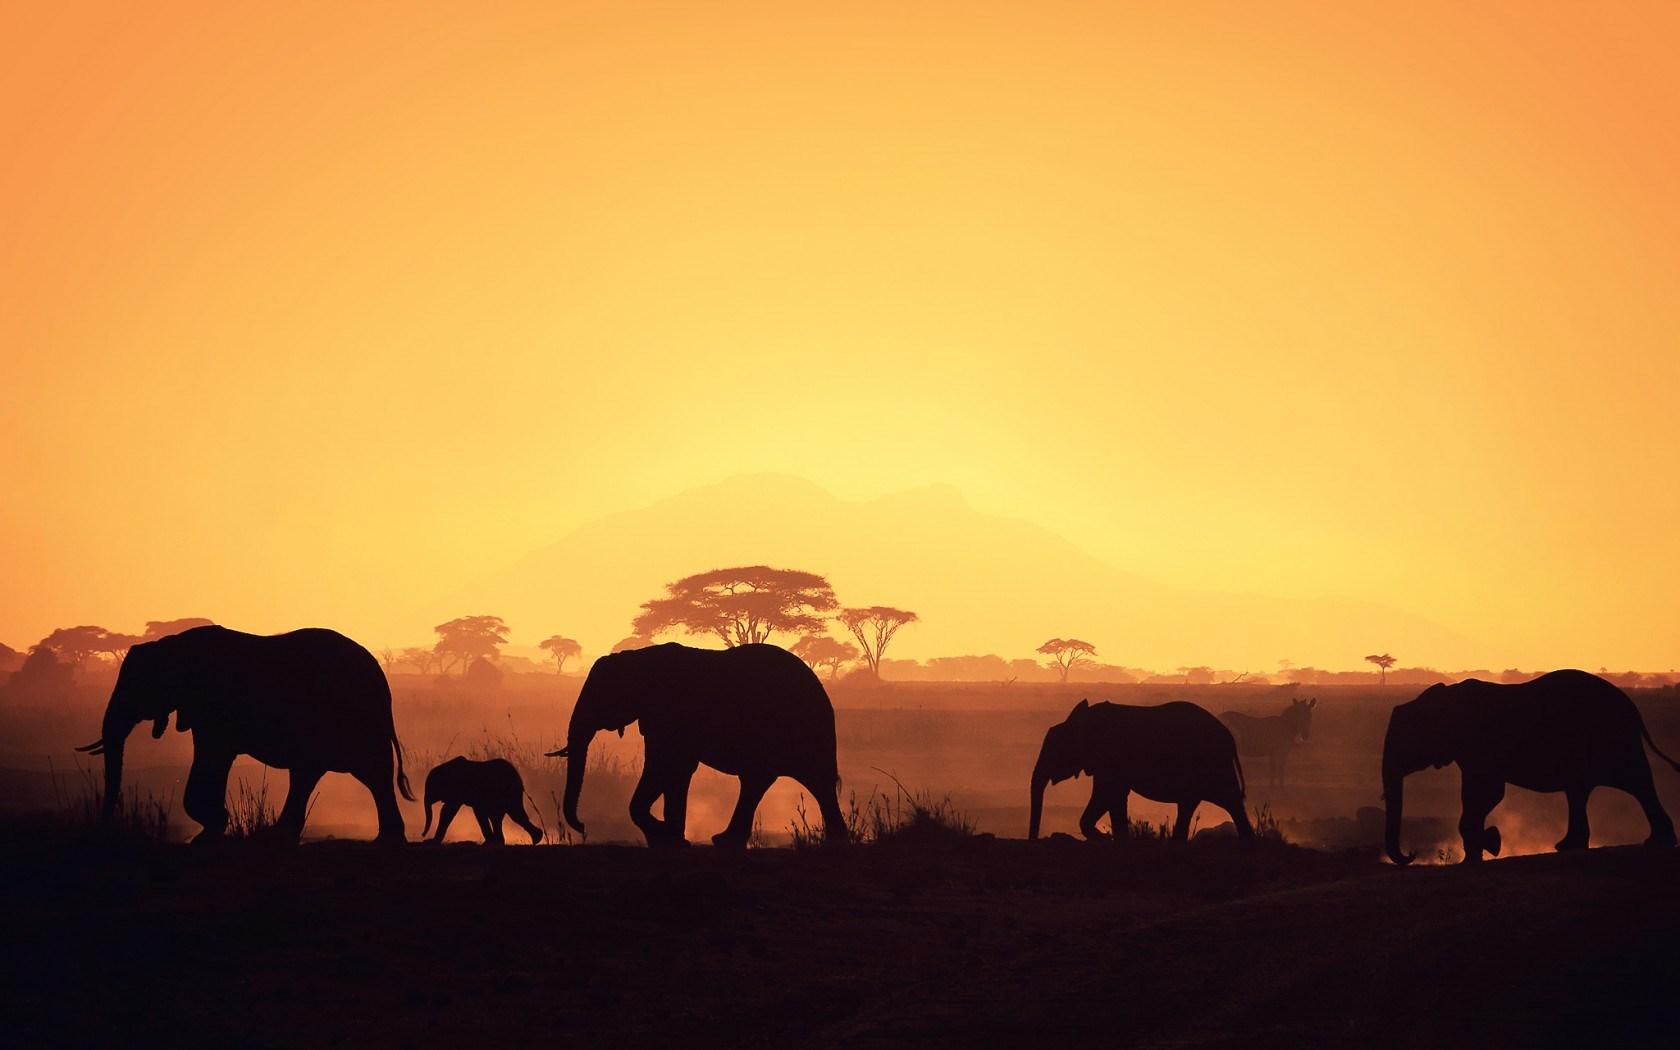 Africa-Wallpaper-9